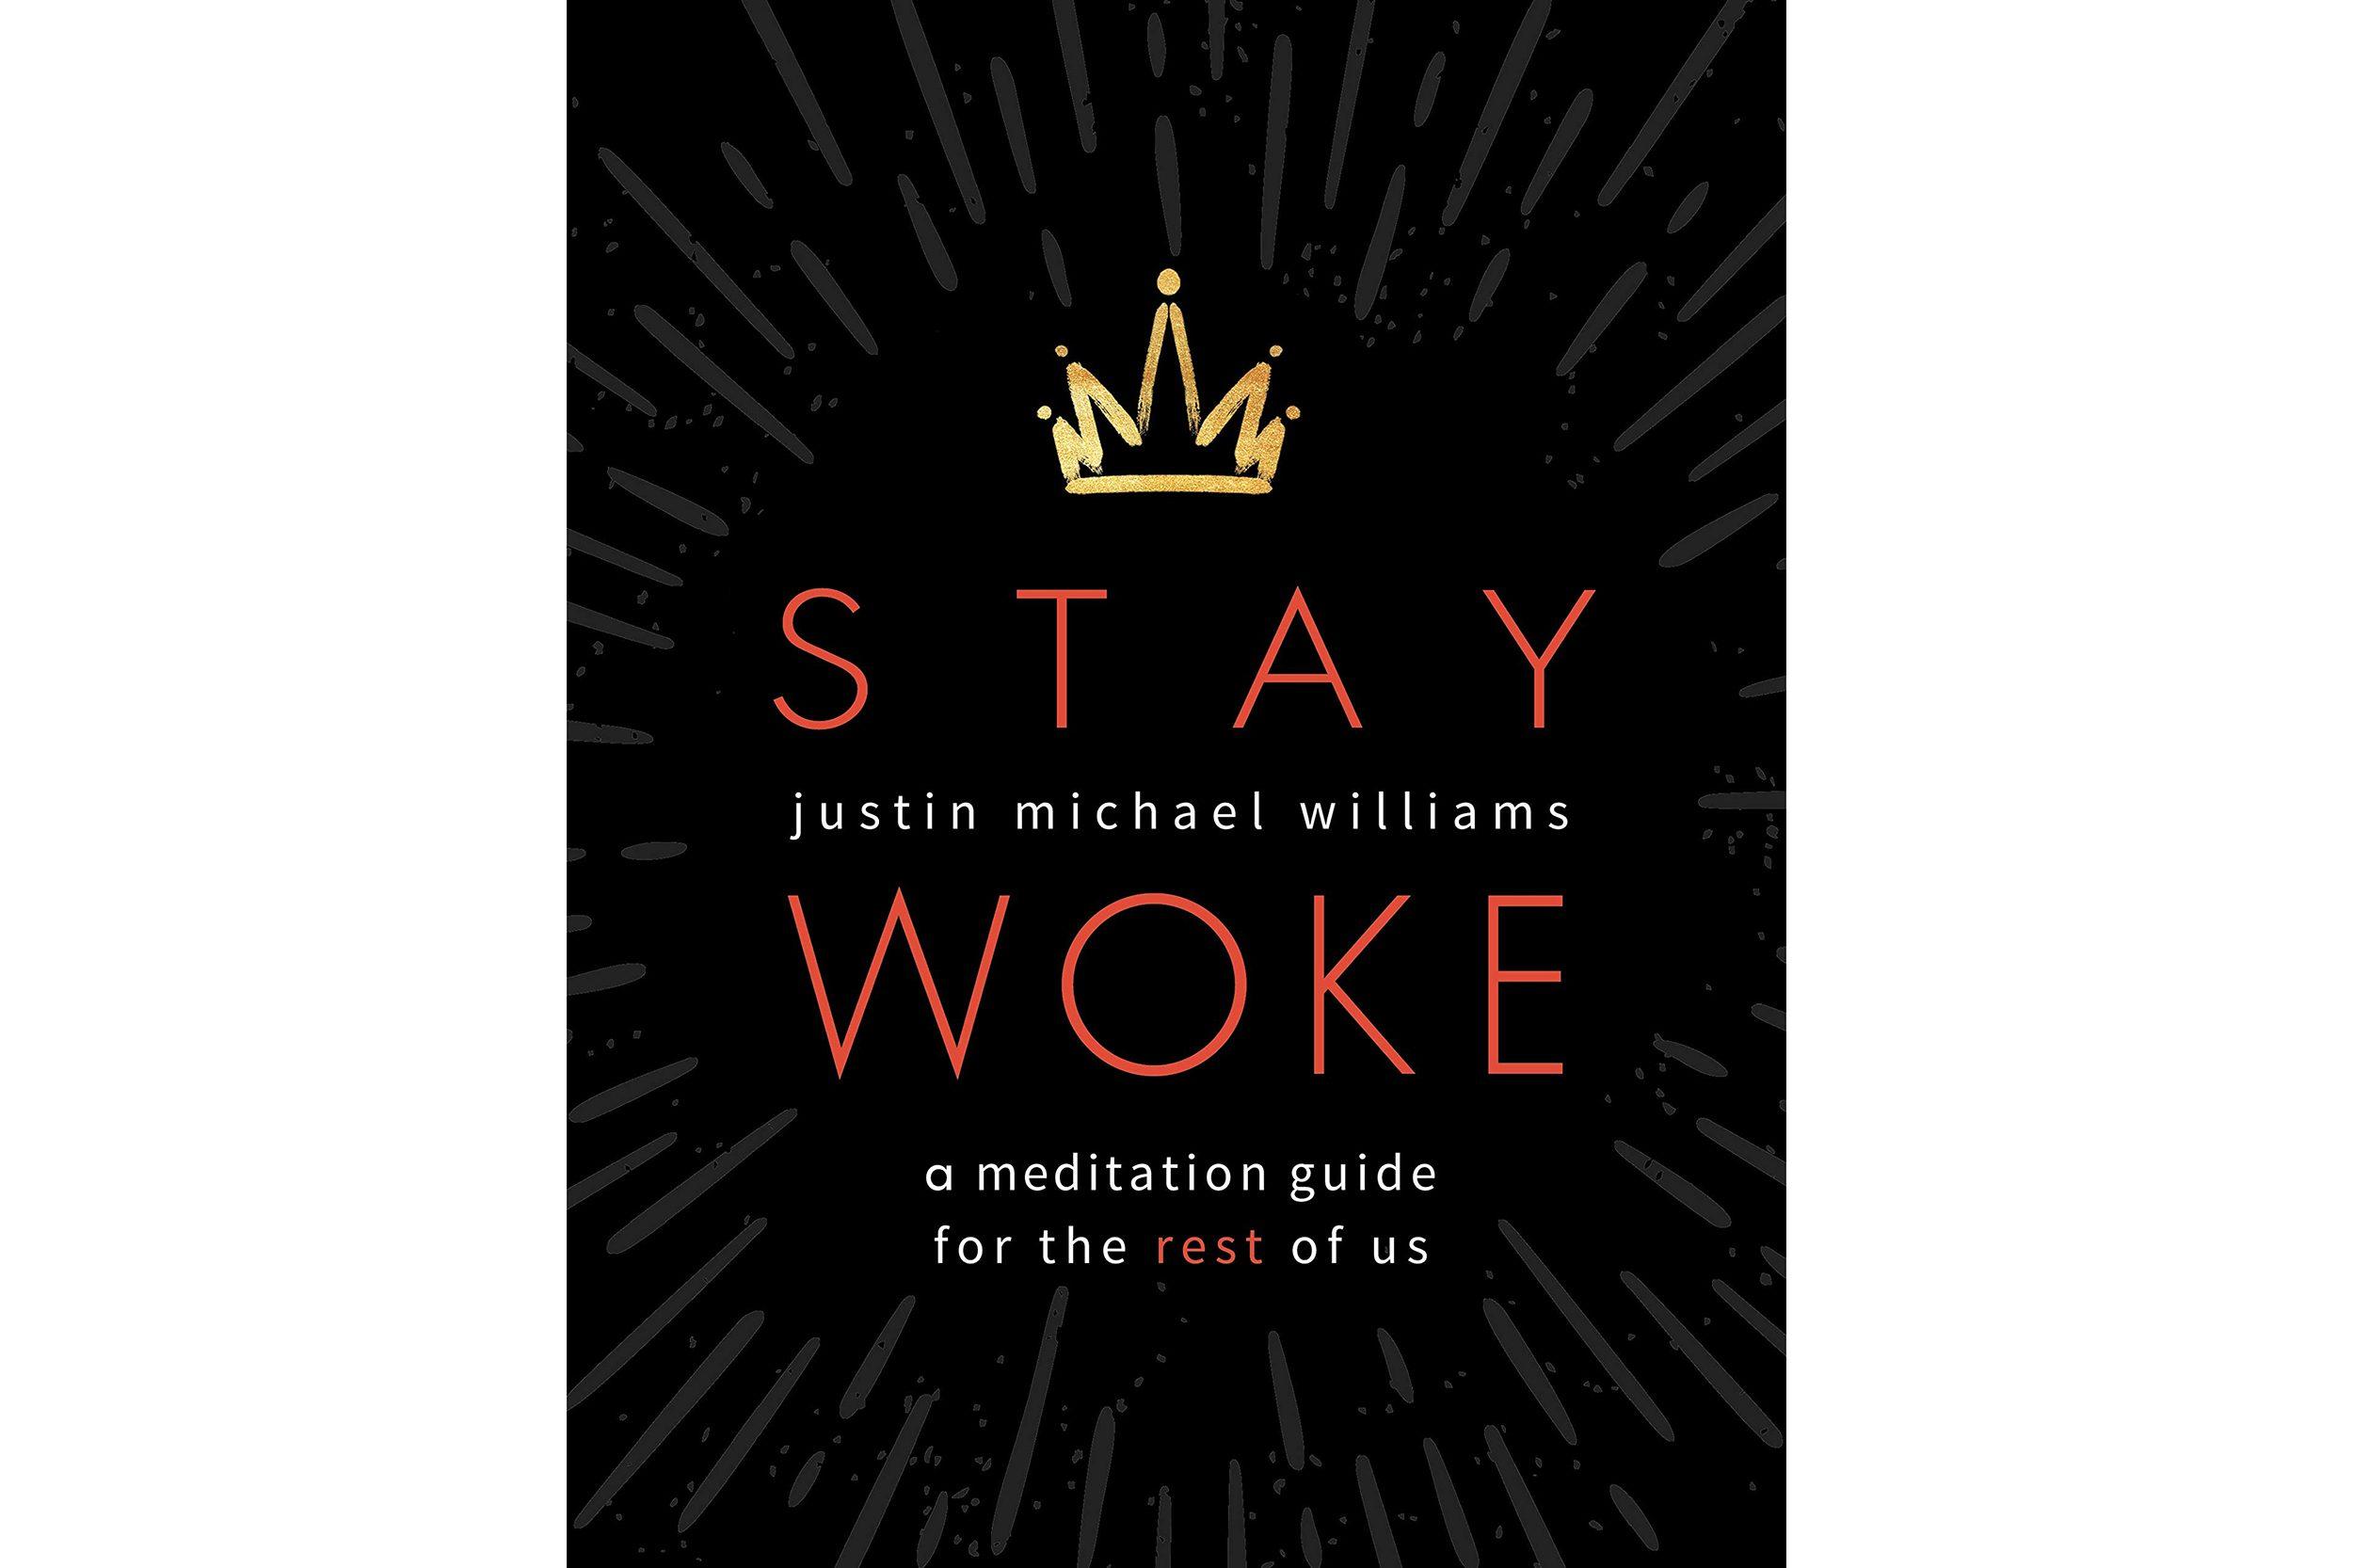 stat woke book